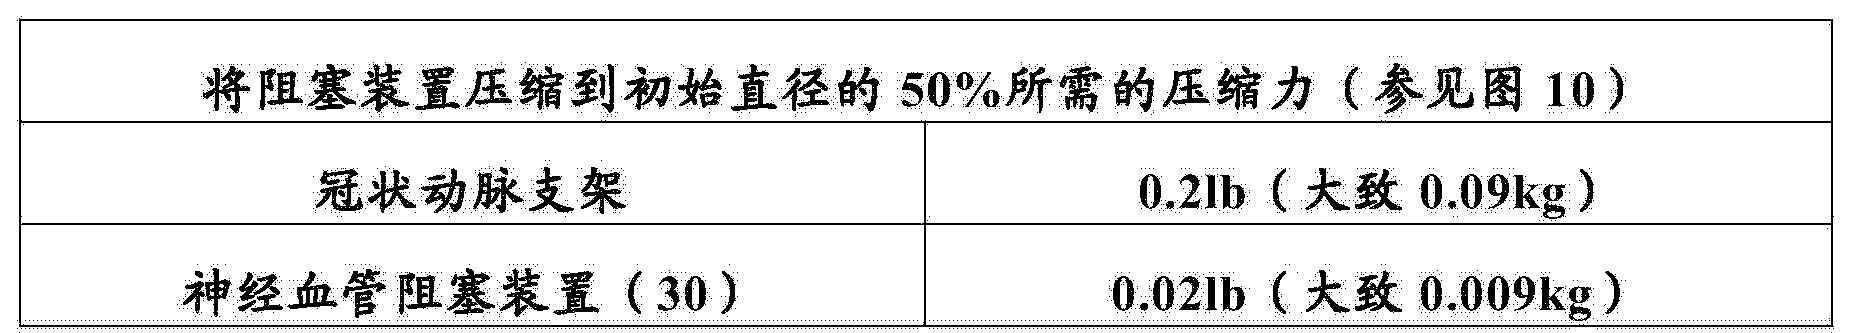 Figure CN102573701BD00281